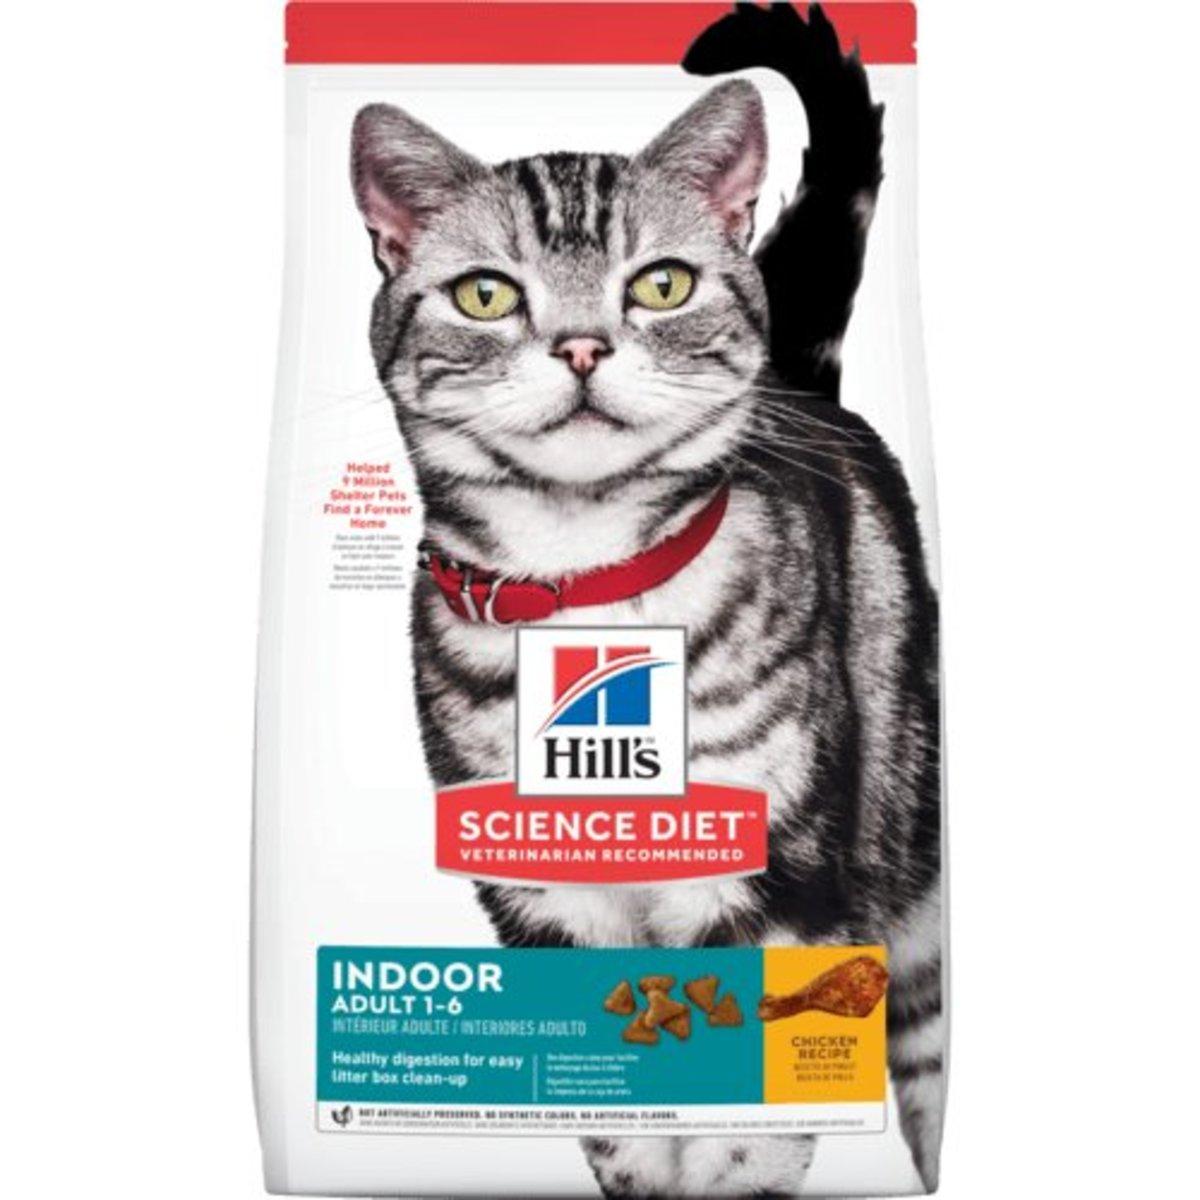 成貓1-6室內糧配方 (7磅) #8879